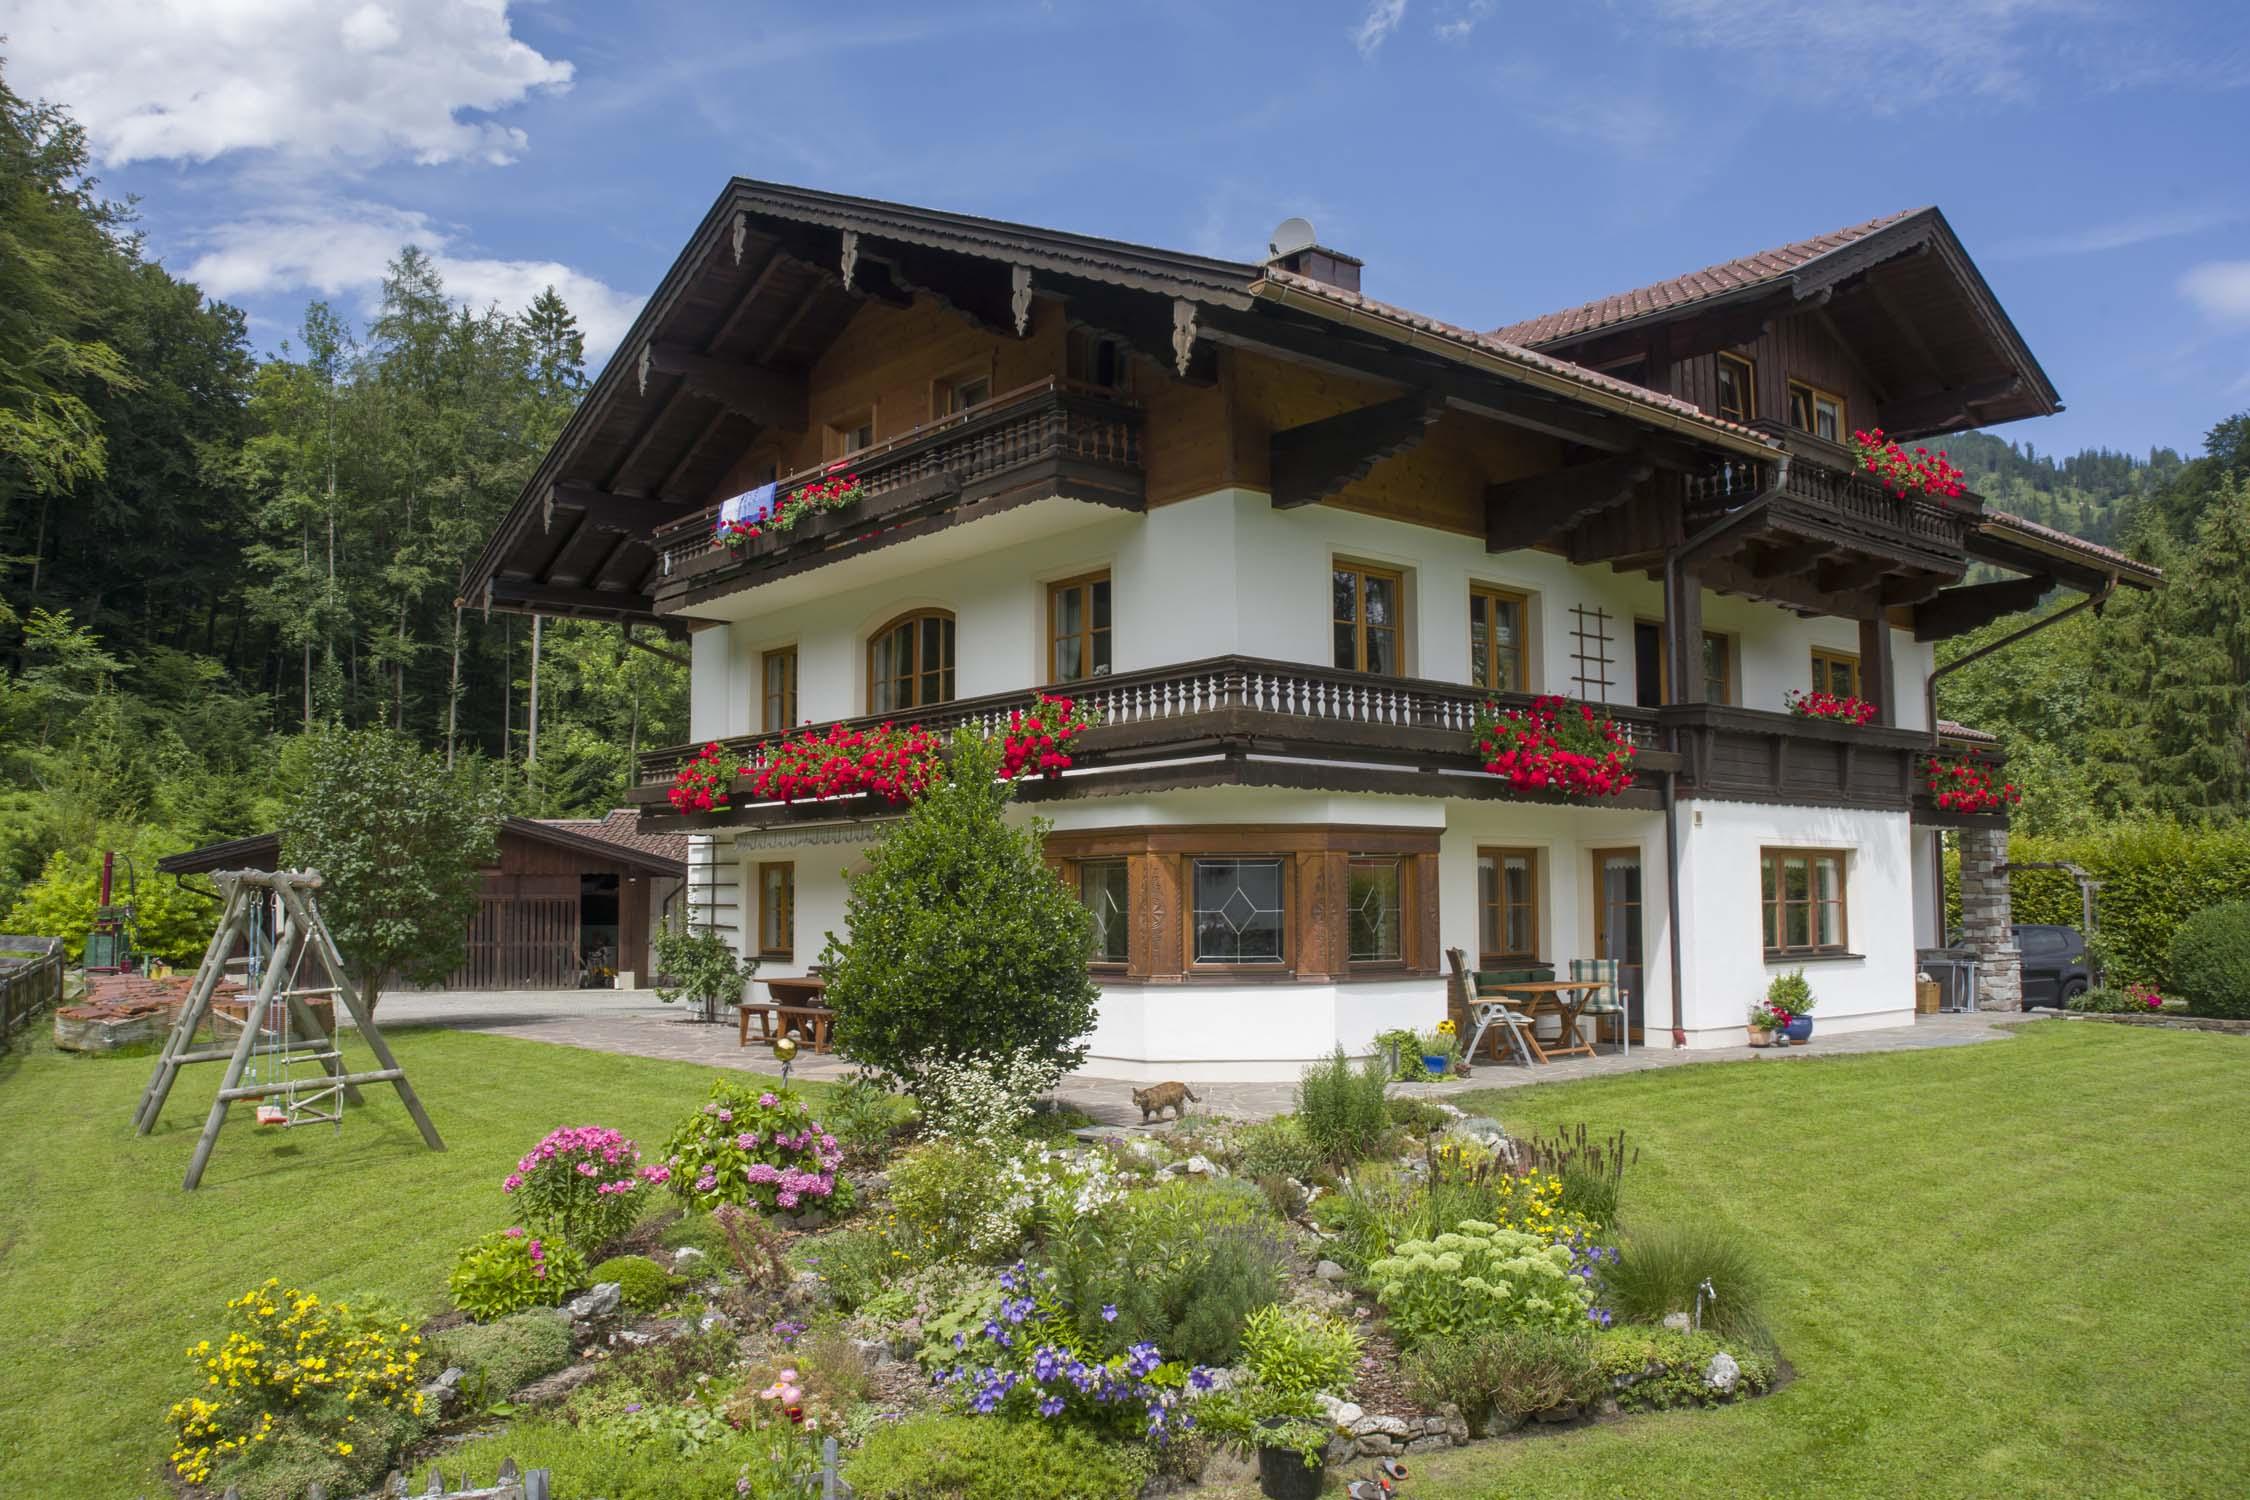 Ferienwohnung Ferienwohnungen Osterauer (DE Oberaudorf). 2-Zimmer Ferienwohnung (709979), Oberaudorf, Chiemgau, Bayern, Deutschland, Bild 1